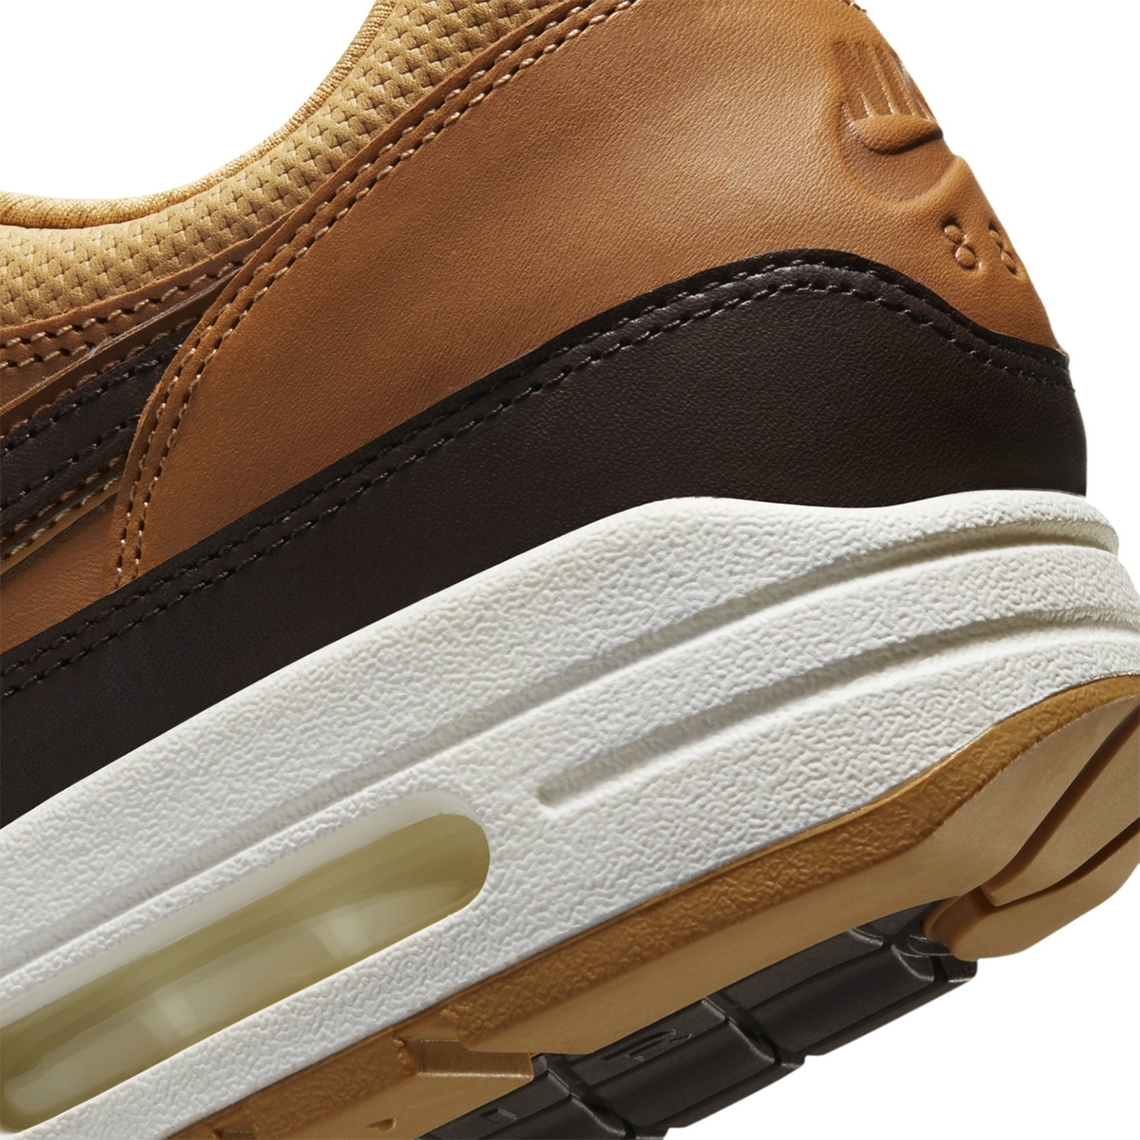 Nike Air Max 1 ''SNKRS Day'' - ''Brown'' - DA4302-700